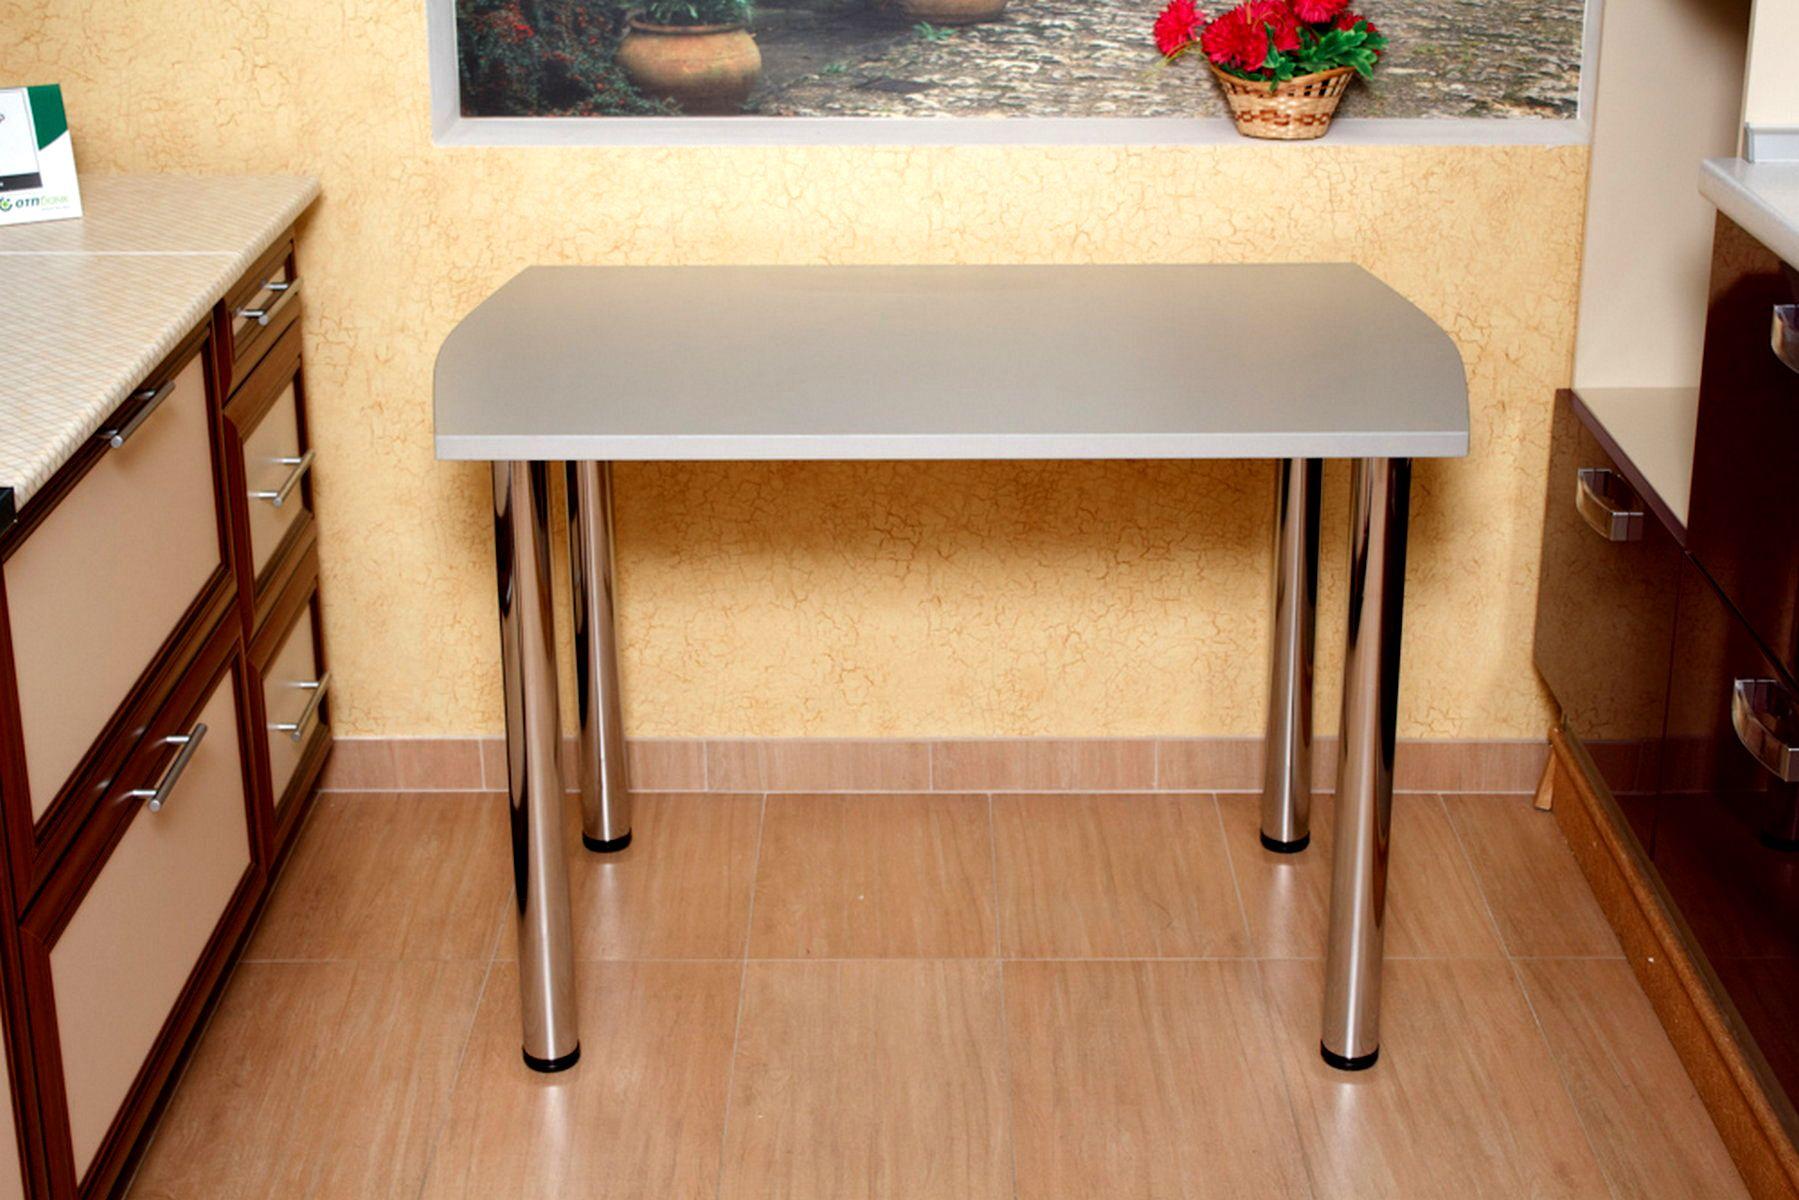 стол на кухню цена фото